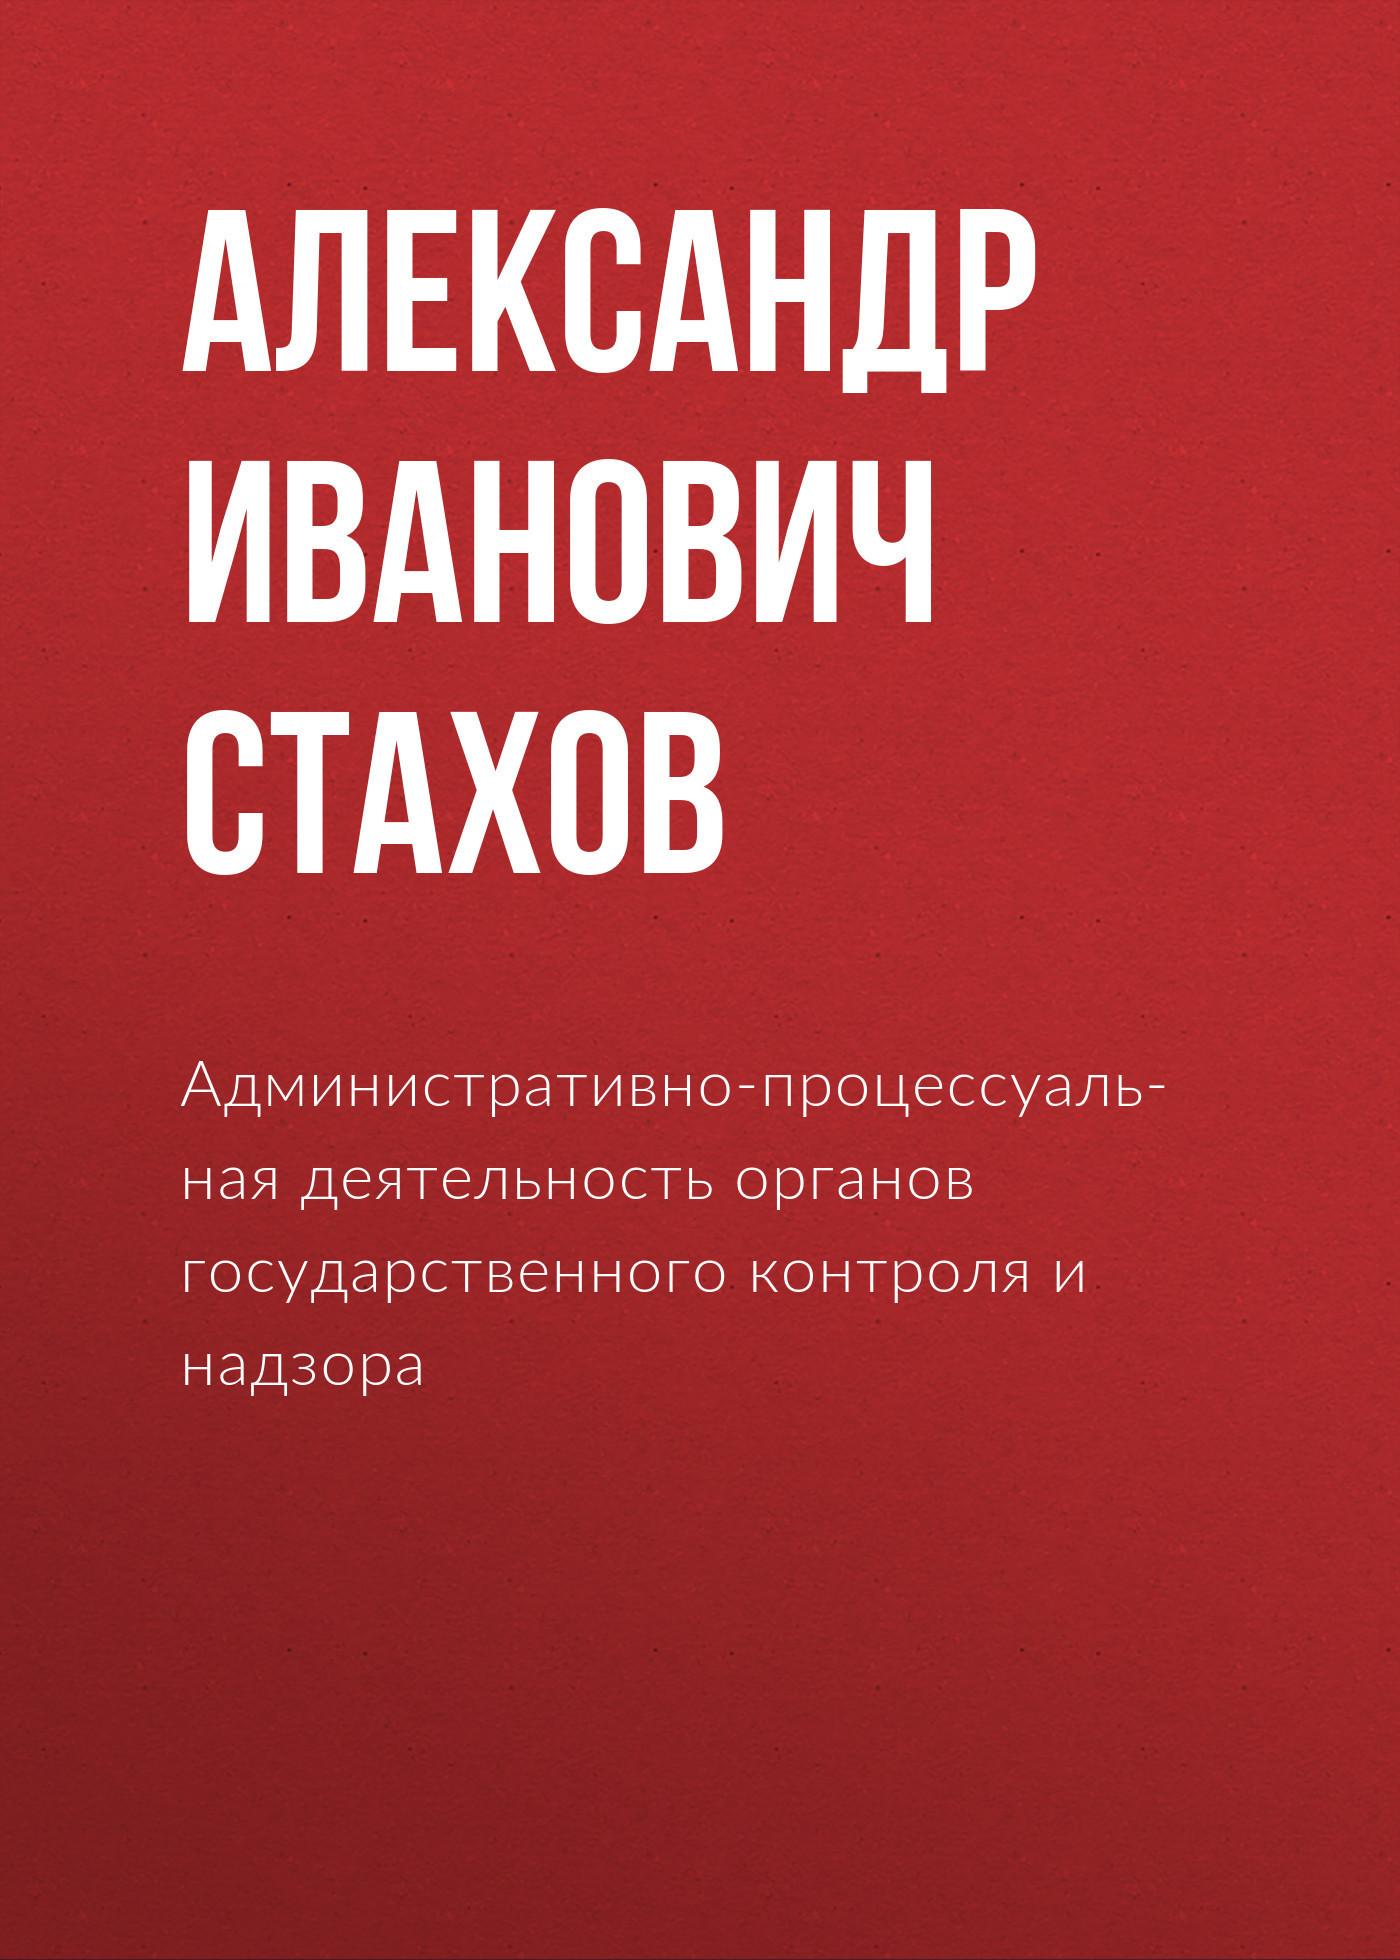 Александр Стахов - Административно-процессуальная деятельность органов государственного контроля и надзора